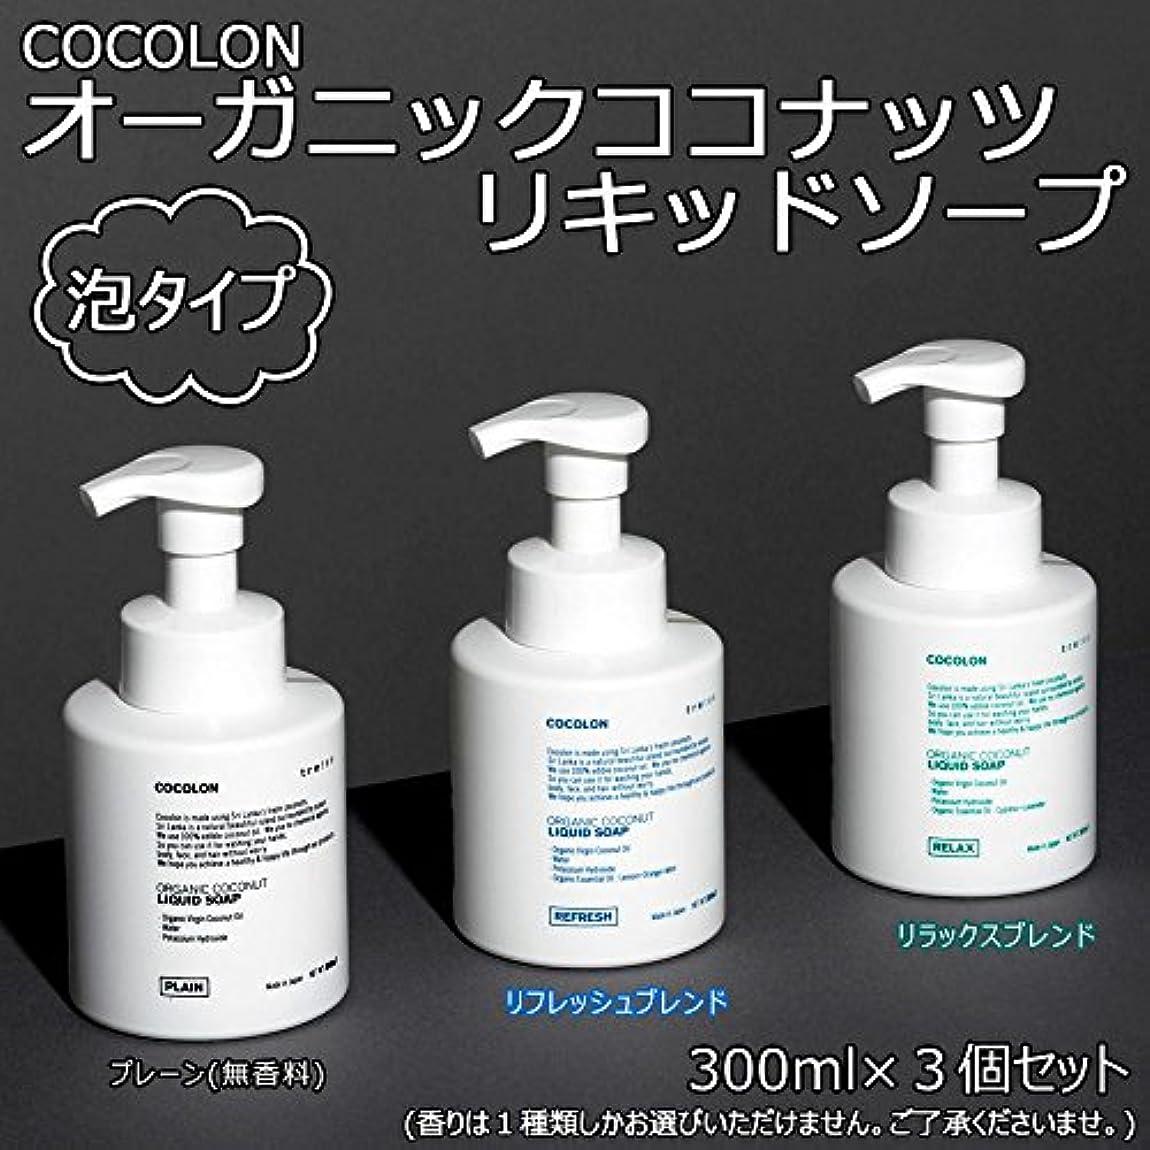 分散辛な原因COCOLON ココロン オーガニックココナッツリキッドソープ 泡タイプ 300ml 3個セット リフレッシュブレンド